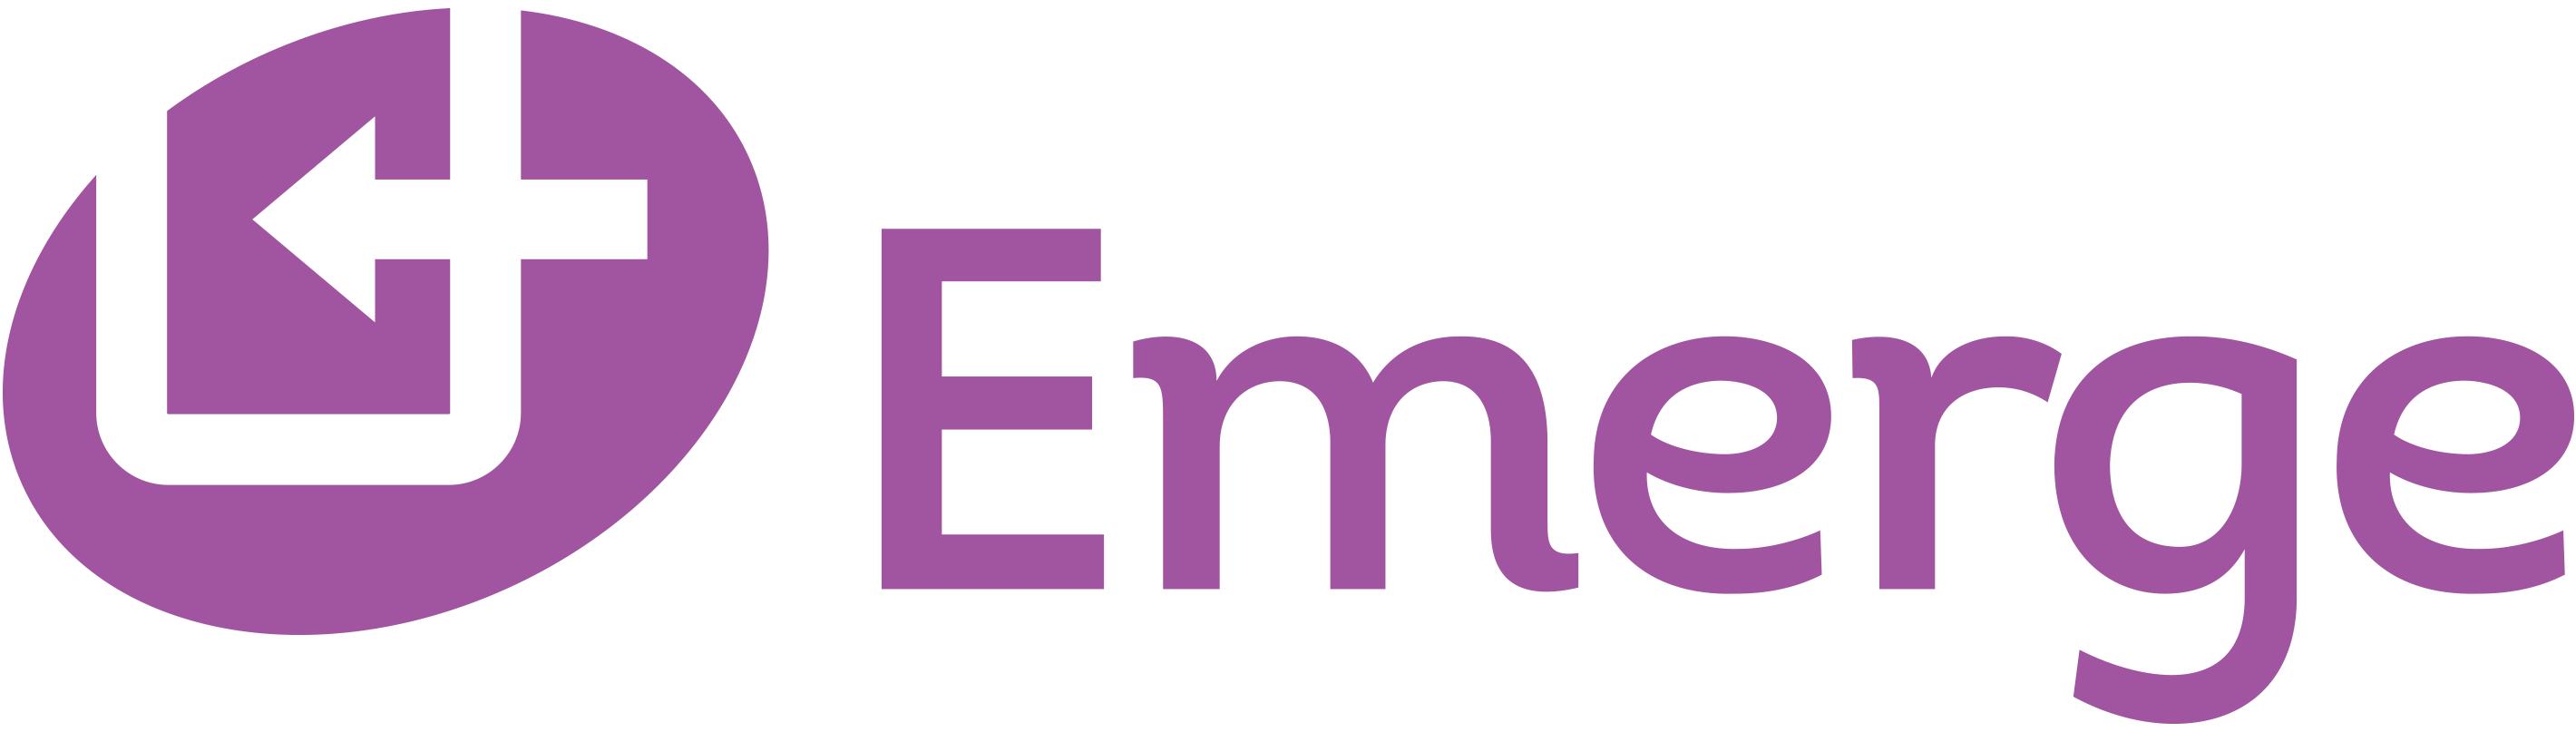 Emerge-login